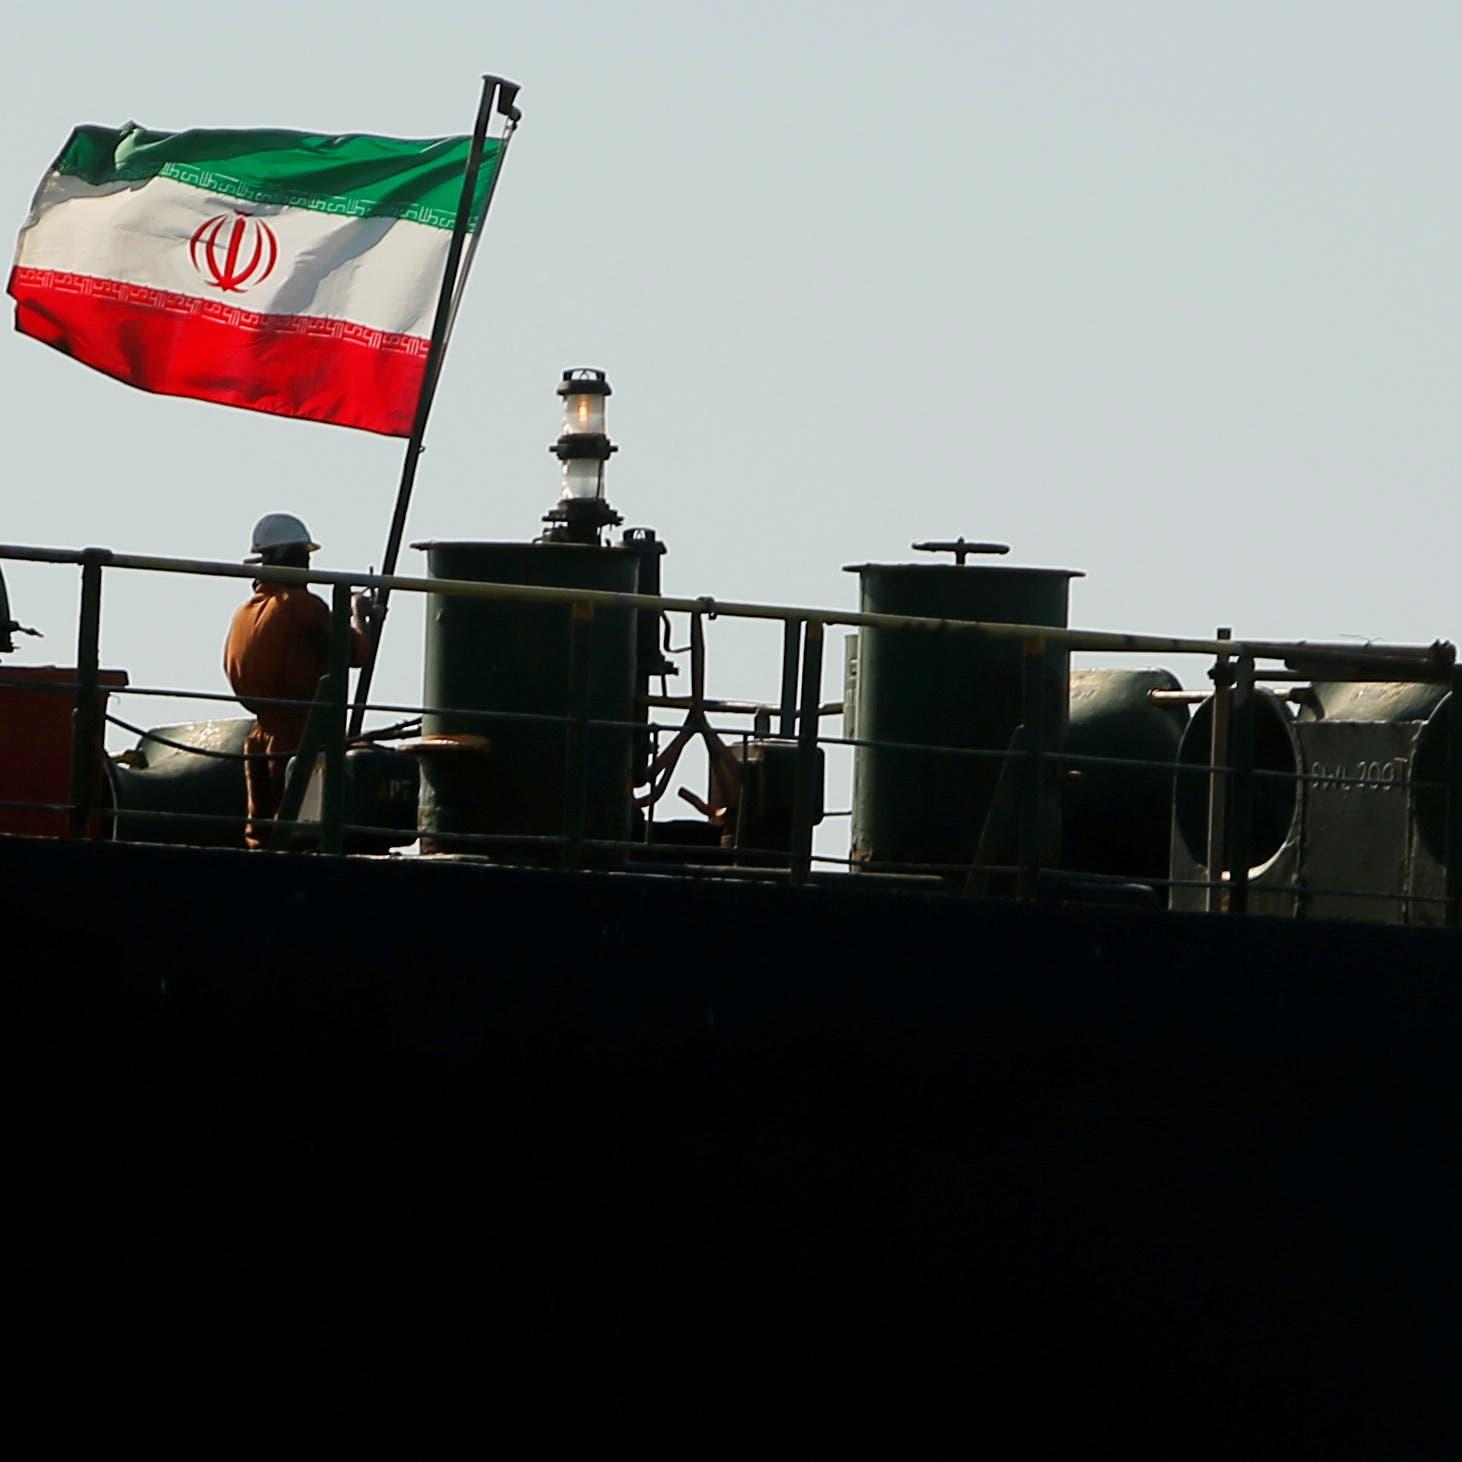 """أسعار النفط تهبط.. و""""فيضان"""" مرتقب من البراميل الإيرانية يؤرق الأسواق"""